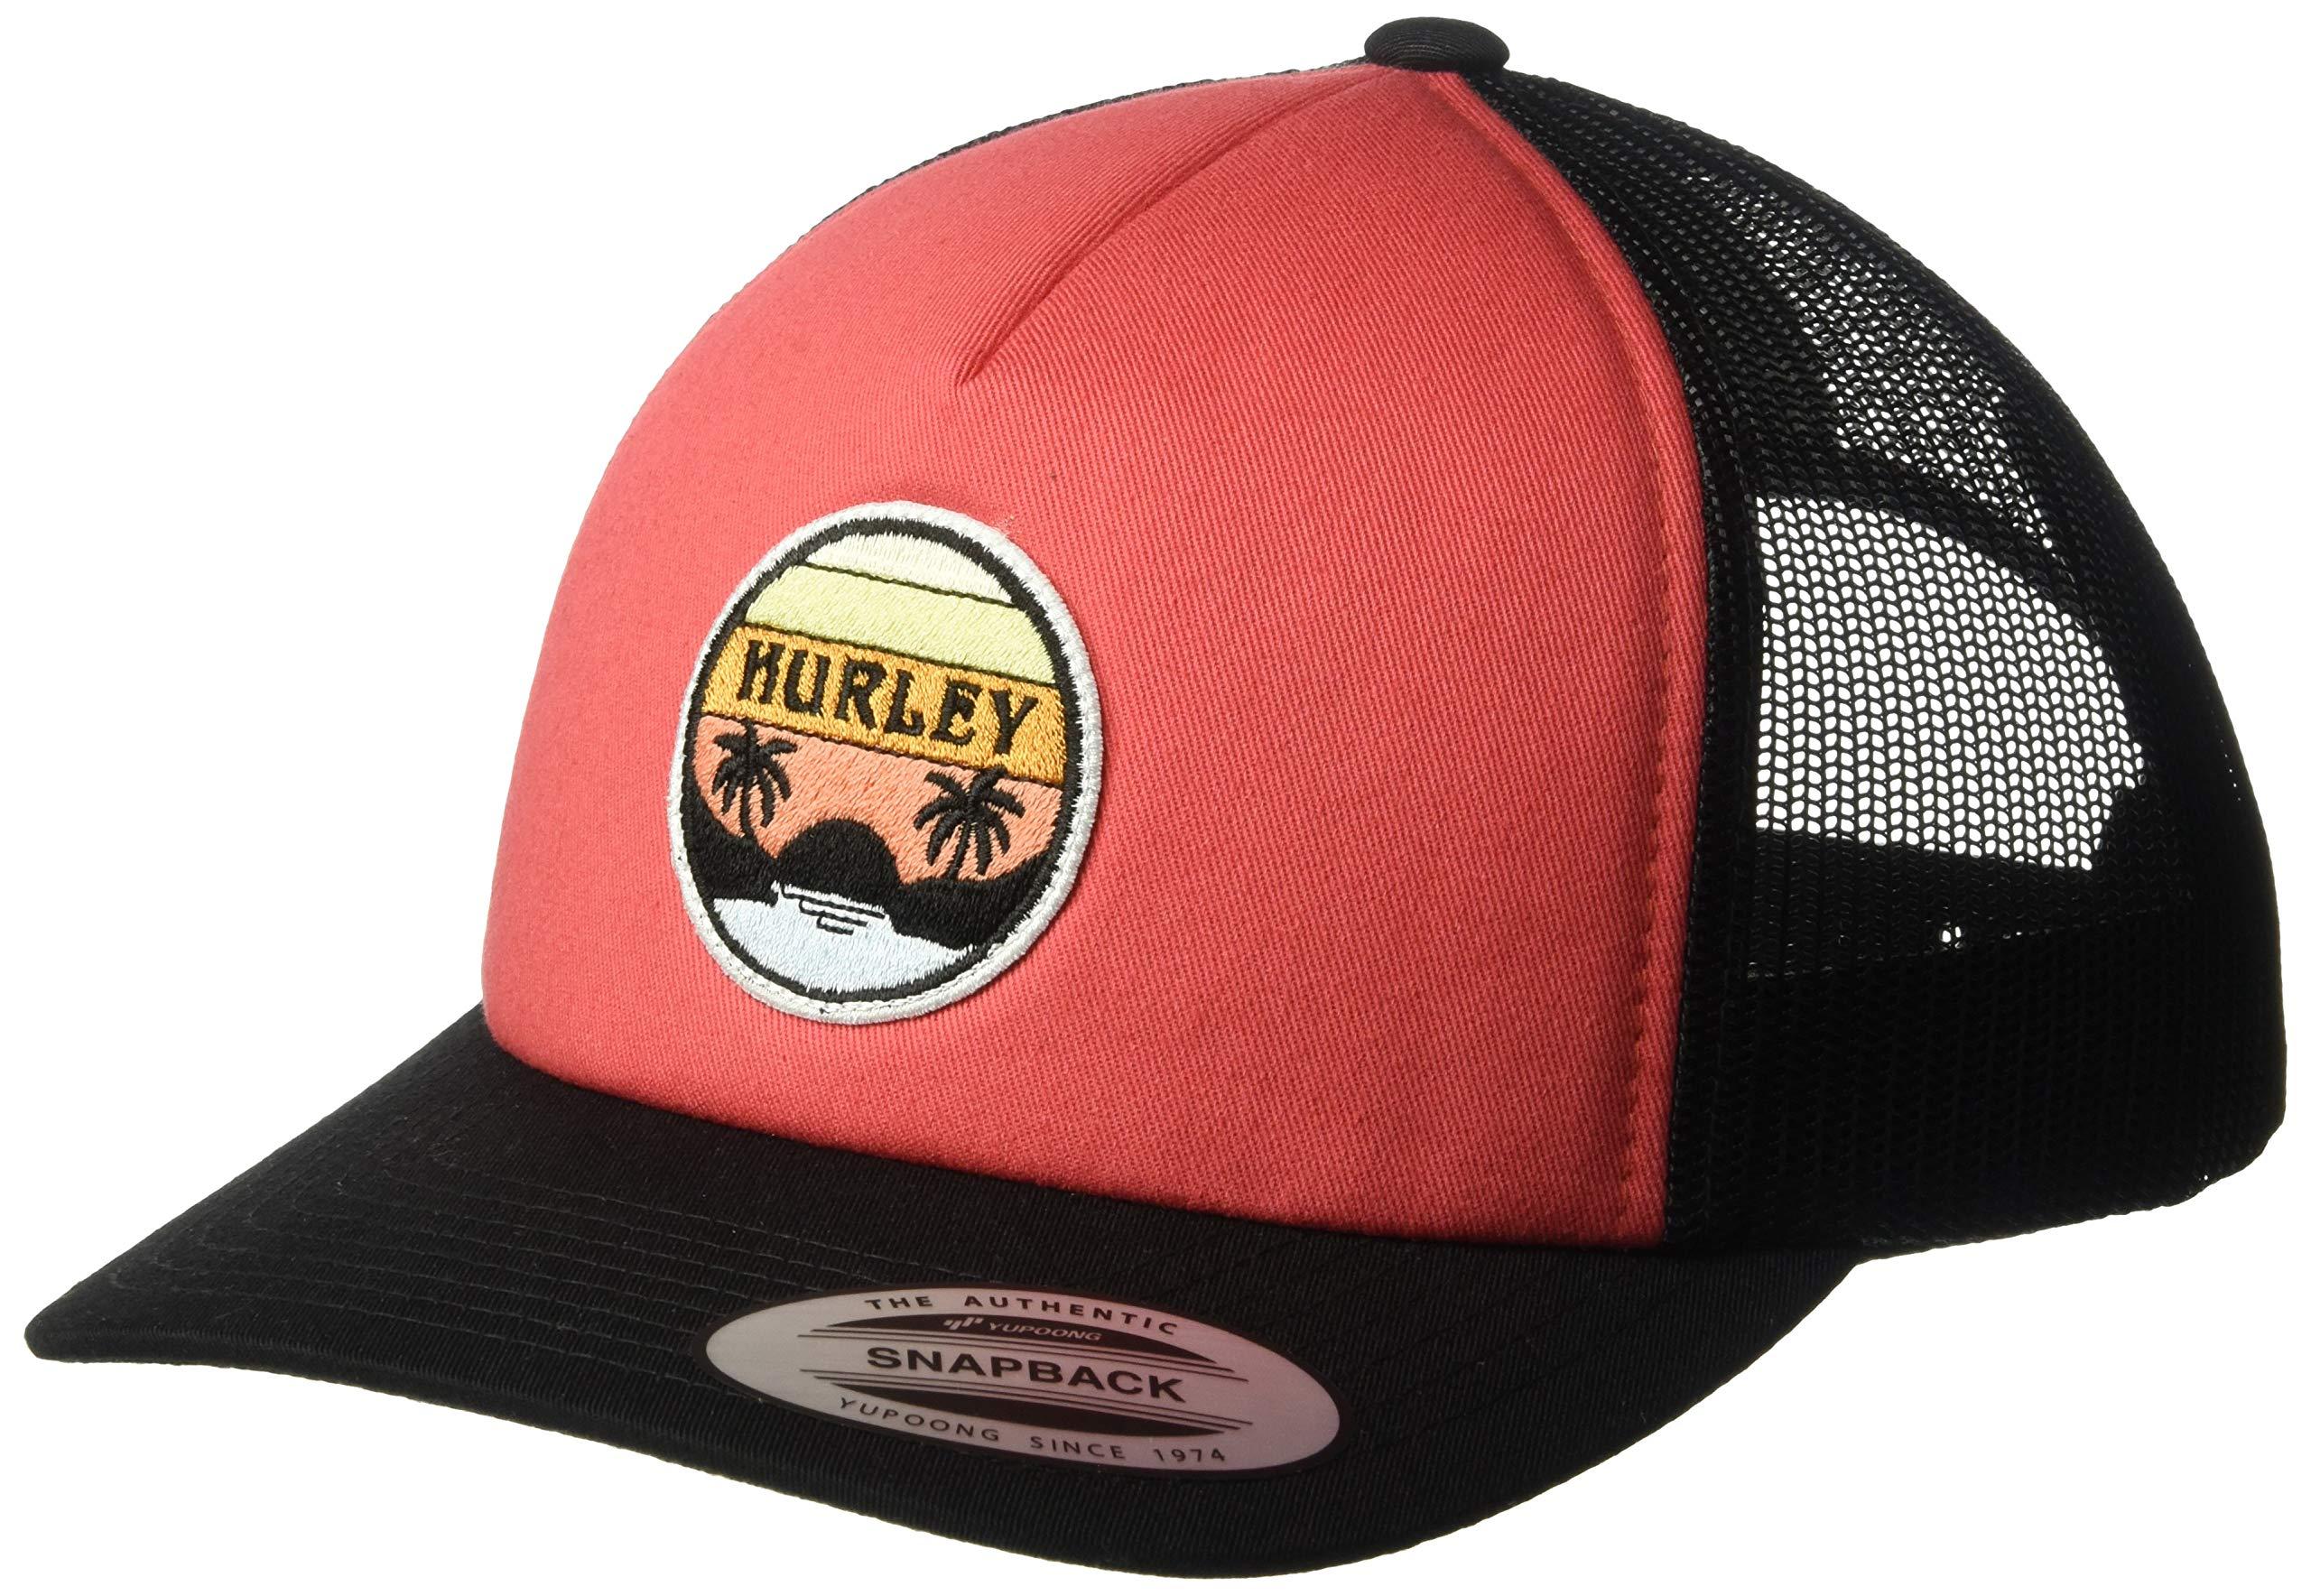 Hurley Women's Apparel Women's Retro Trucker Hat, Firewood Orange, One Size Fits All